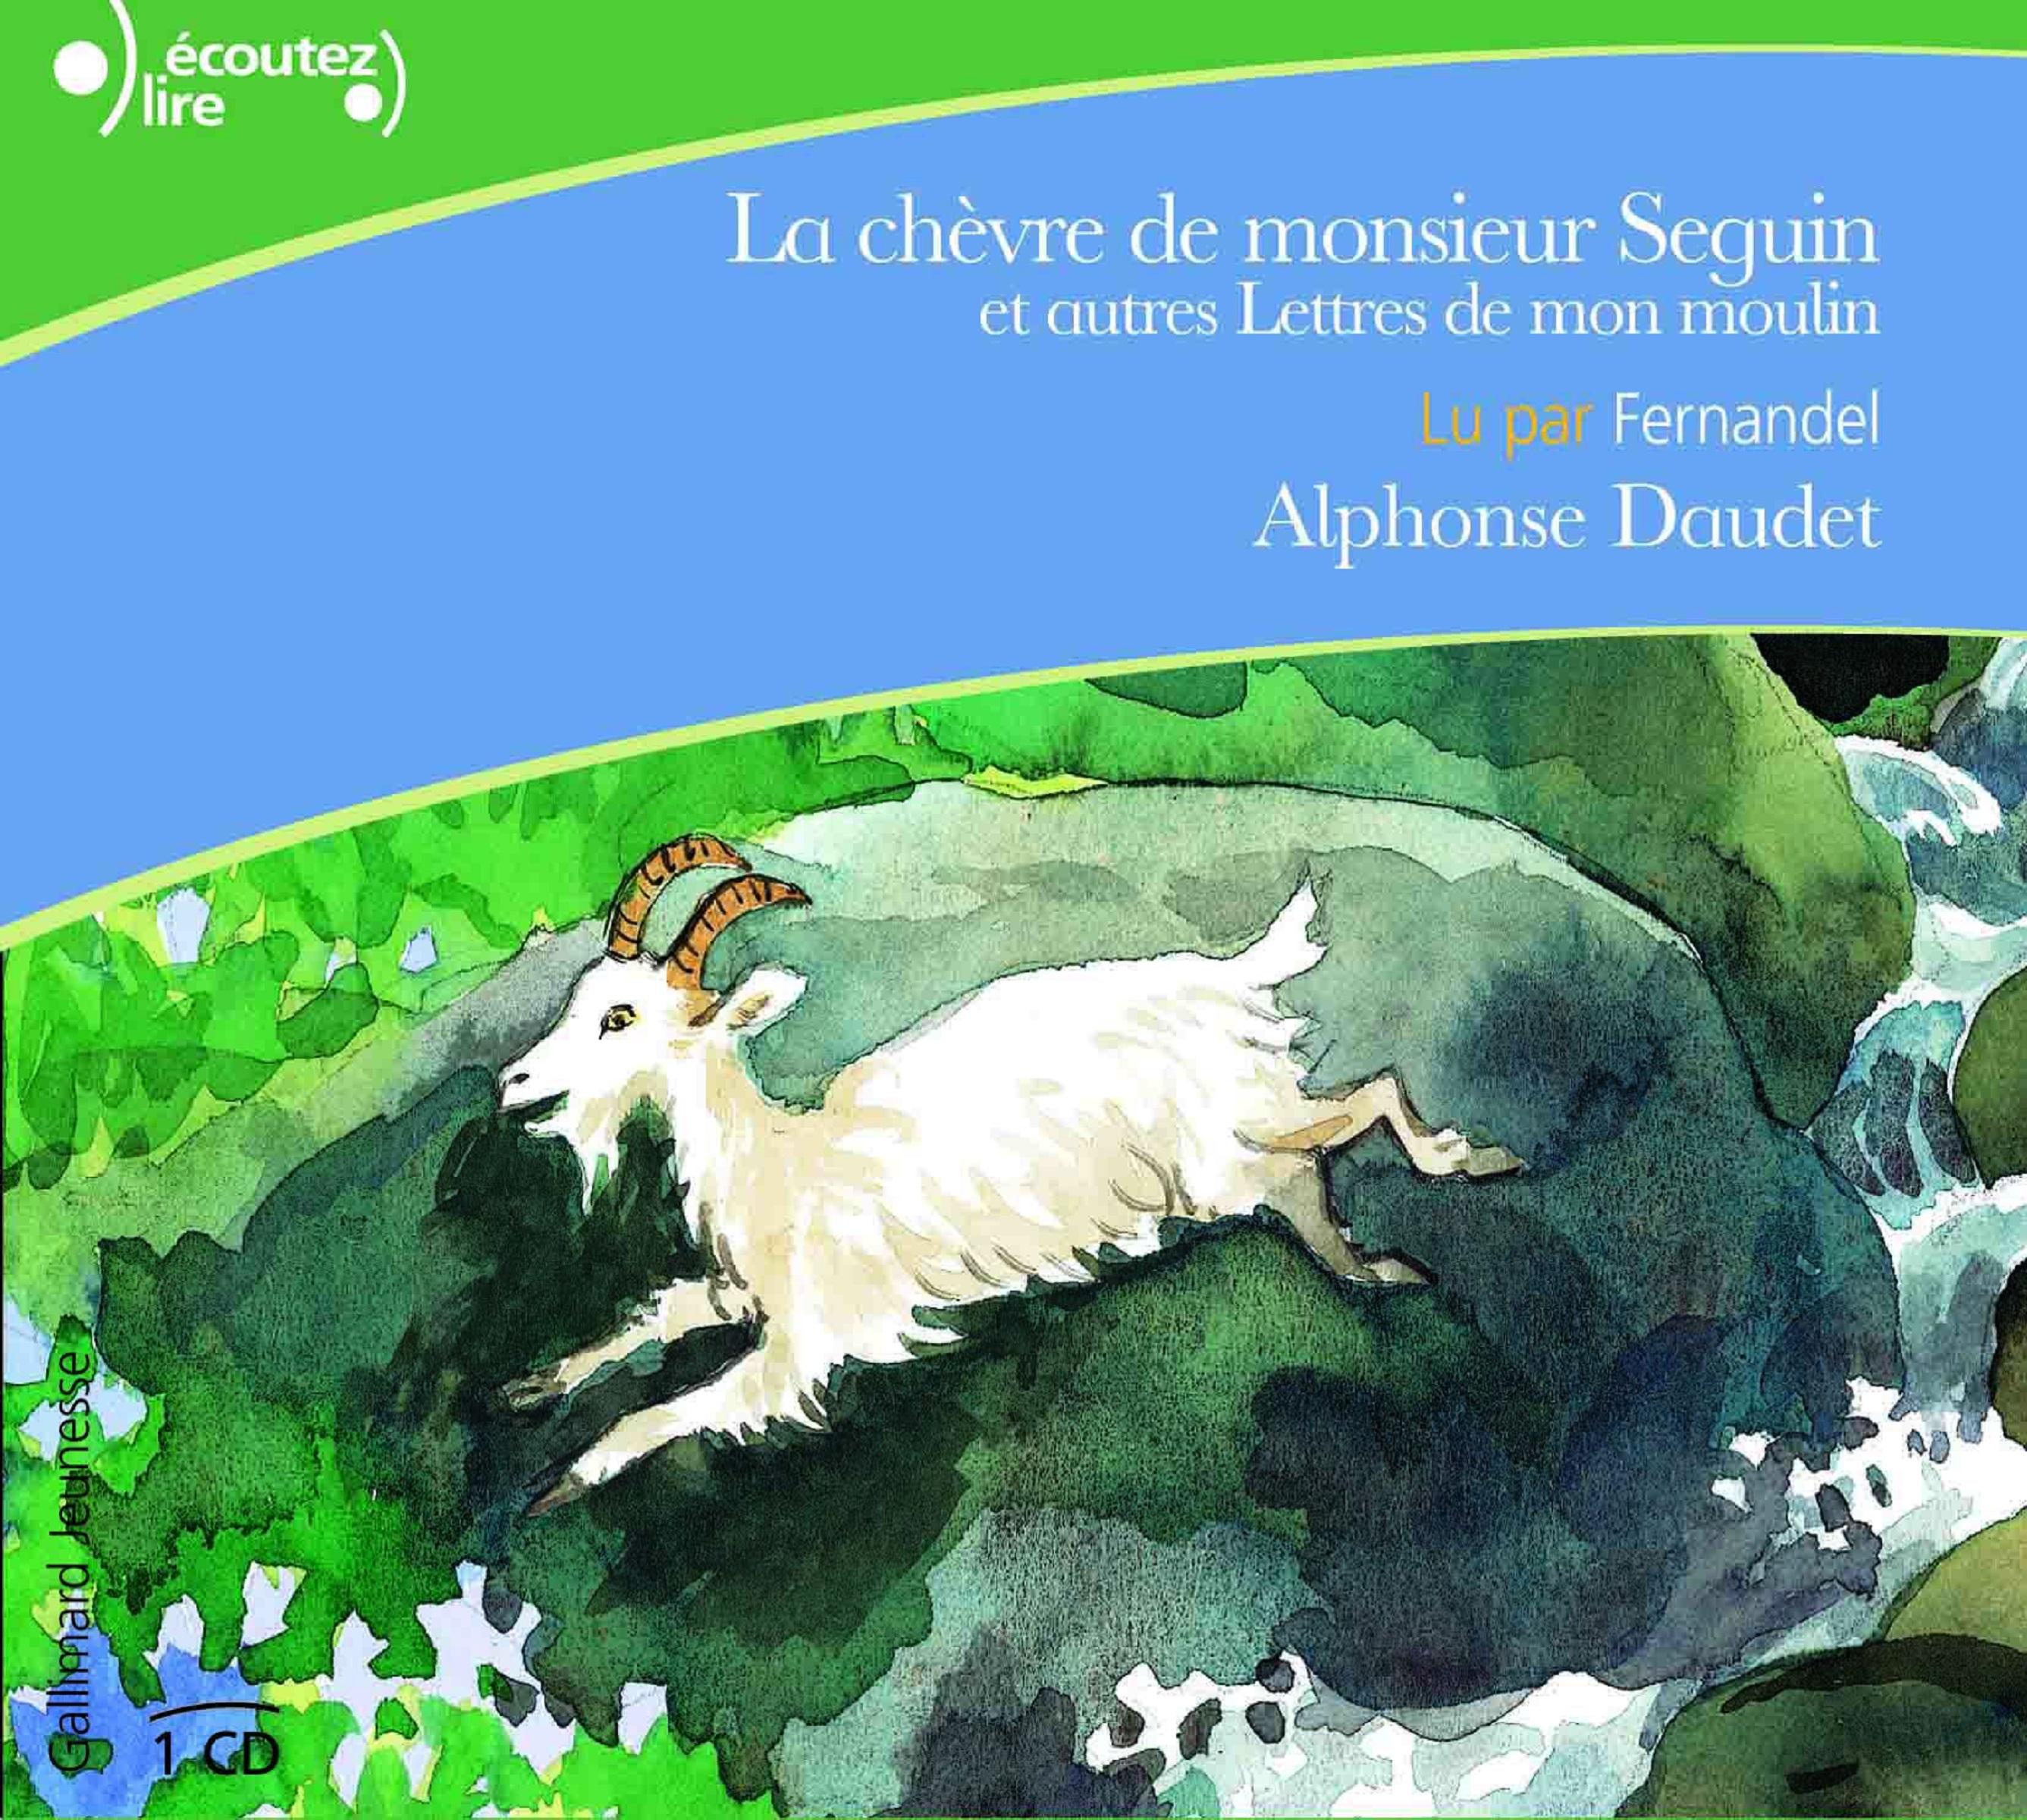 La chèvre de monsieur Seguin, et autres lettres de mon moulin